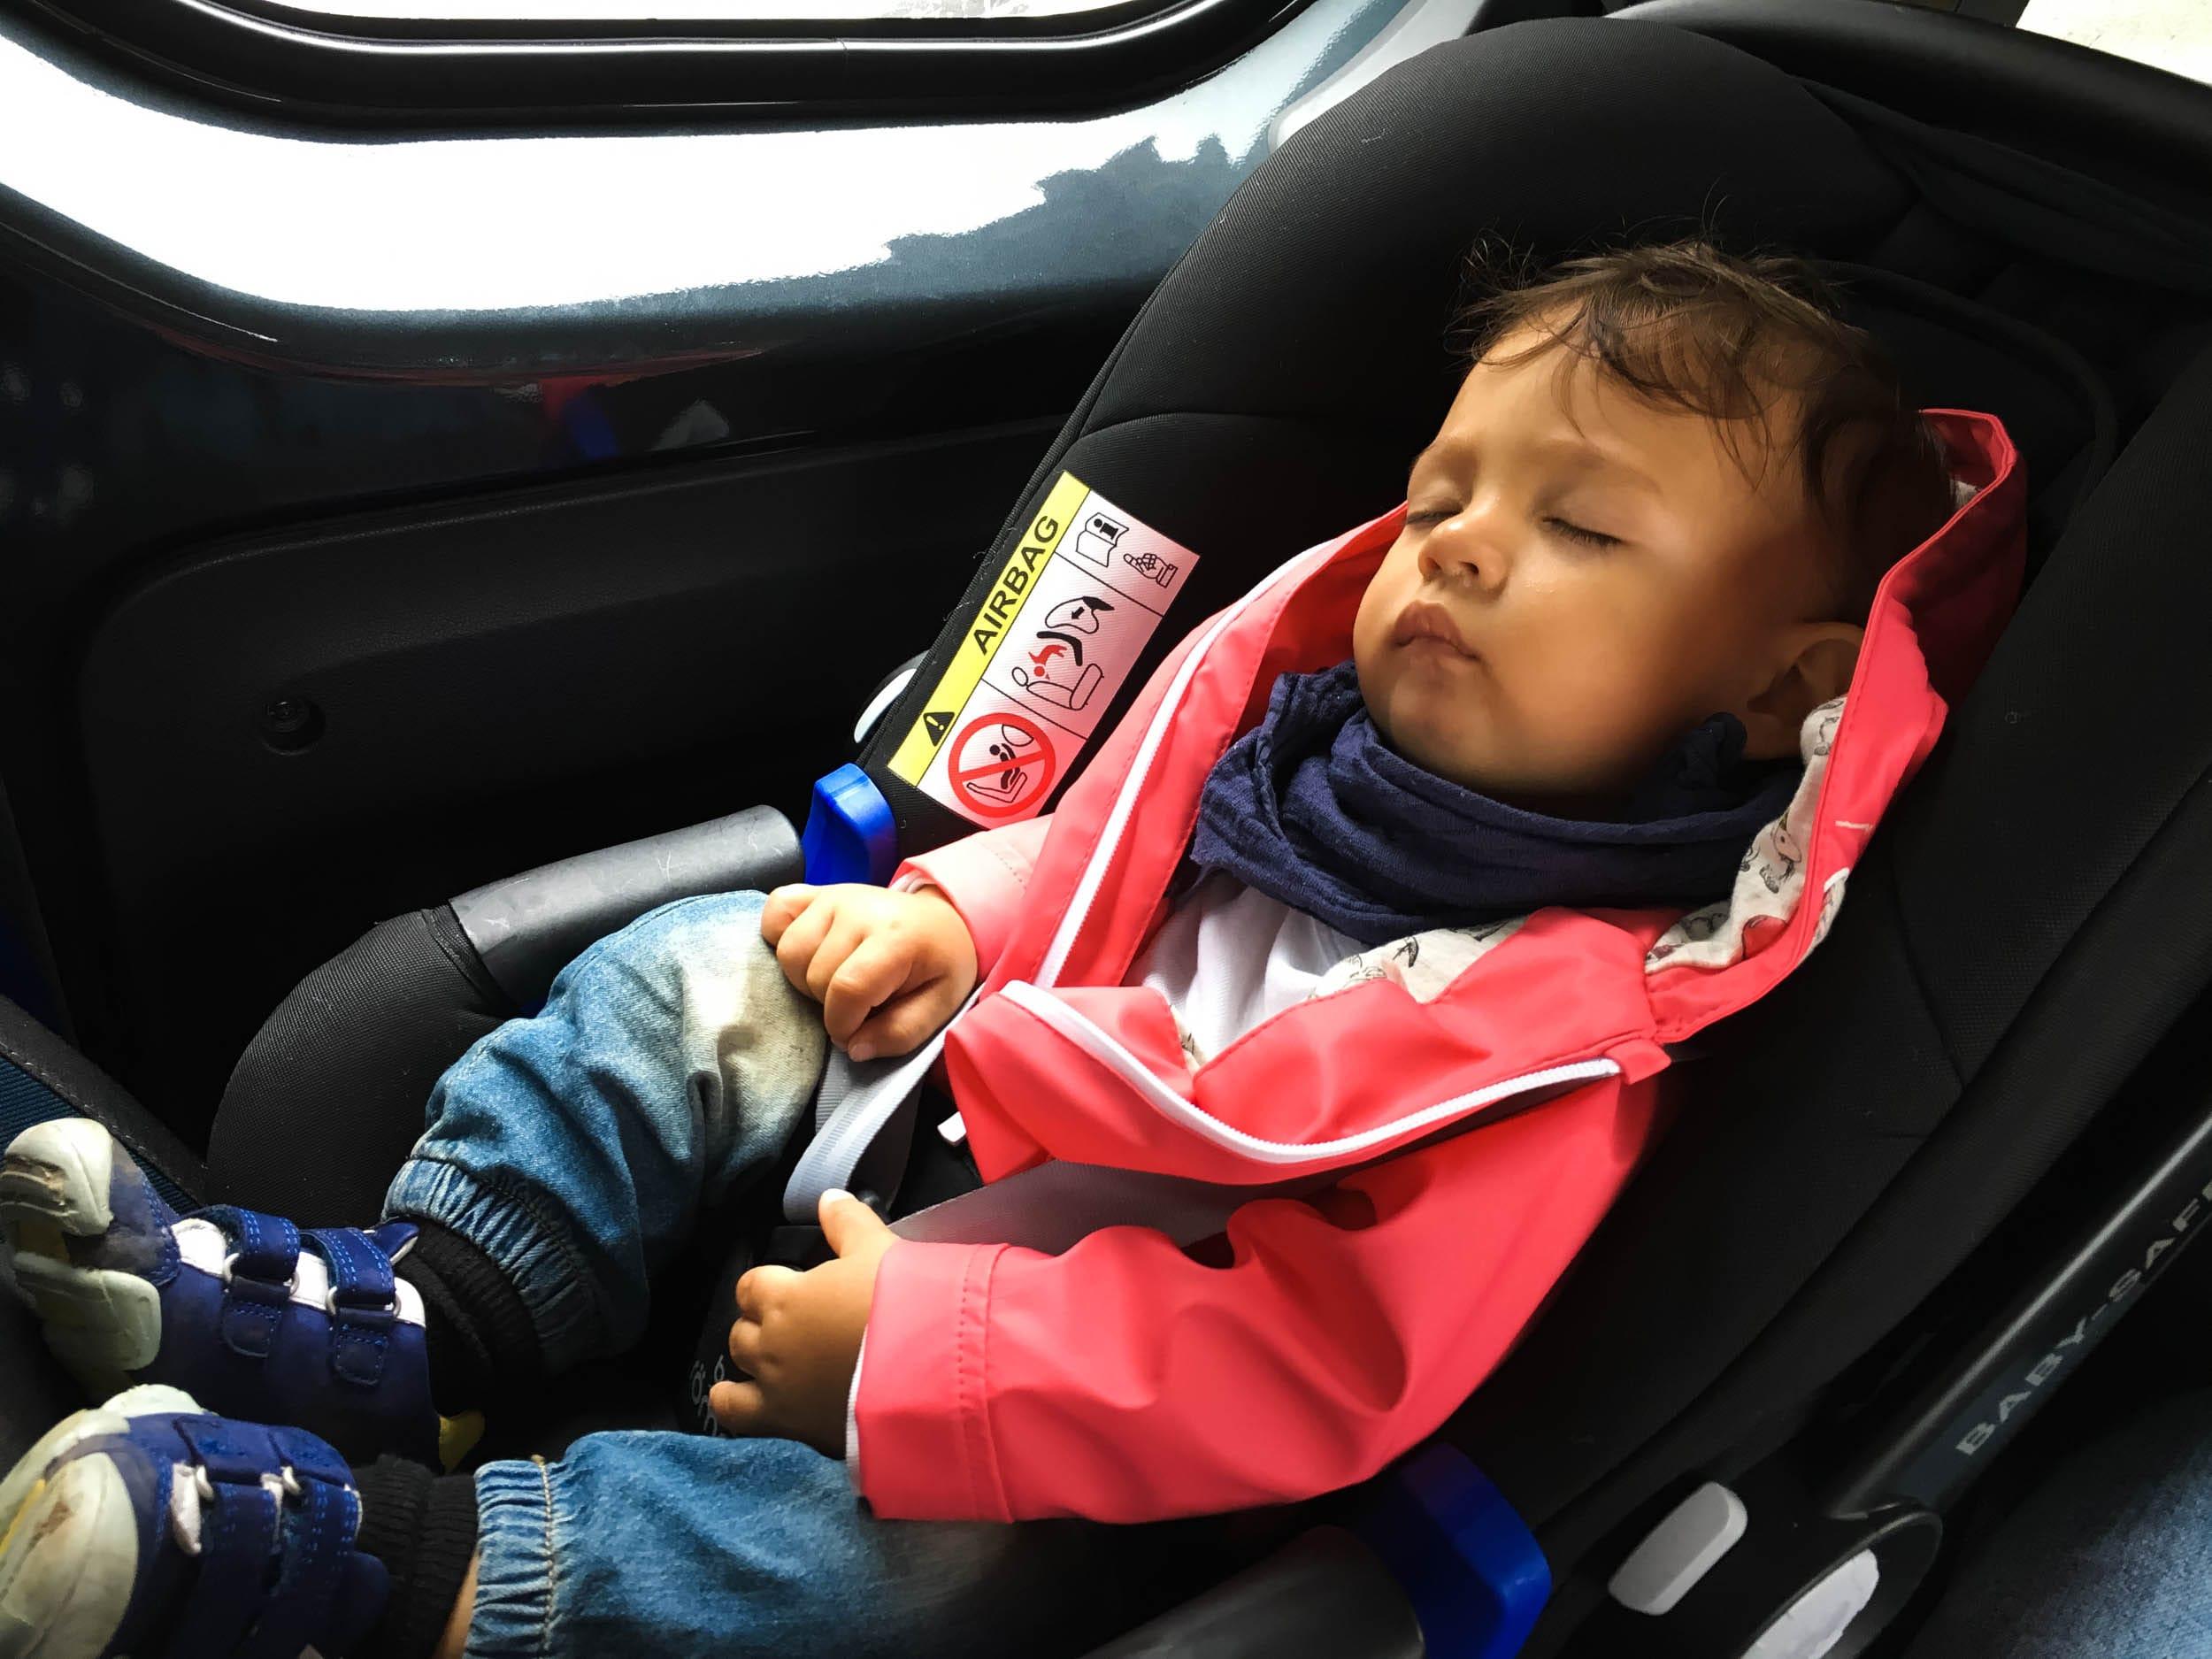 Wochenende in Bildern | Leben mit Kind | Alltag | Mittagsschlaf | Britax Römer | Babyschale | Autofahrt | ivy.li